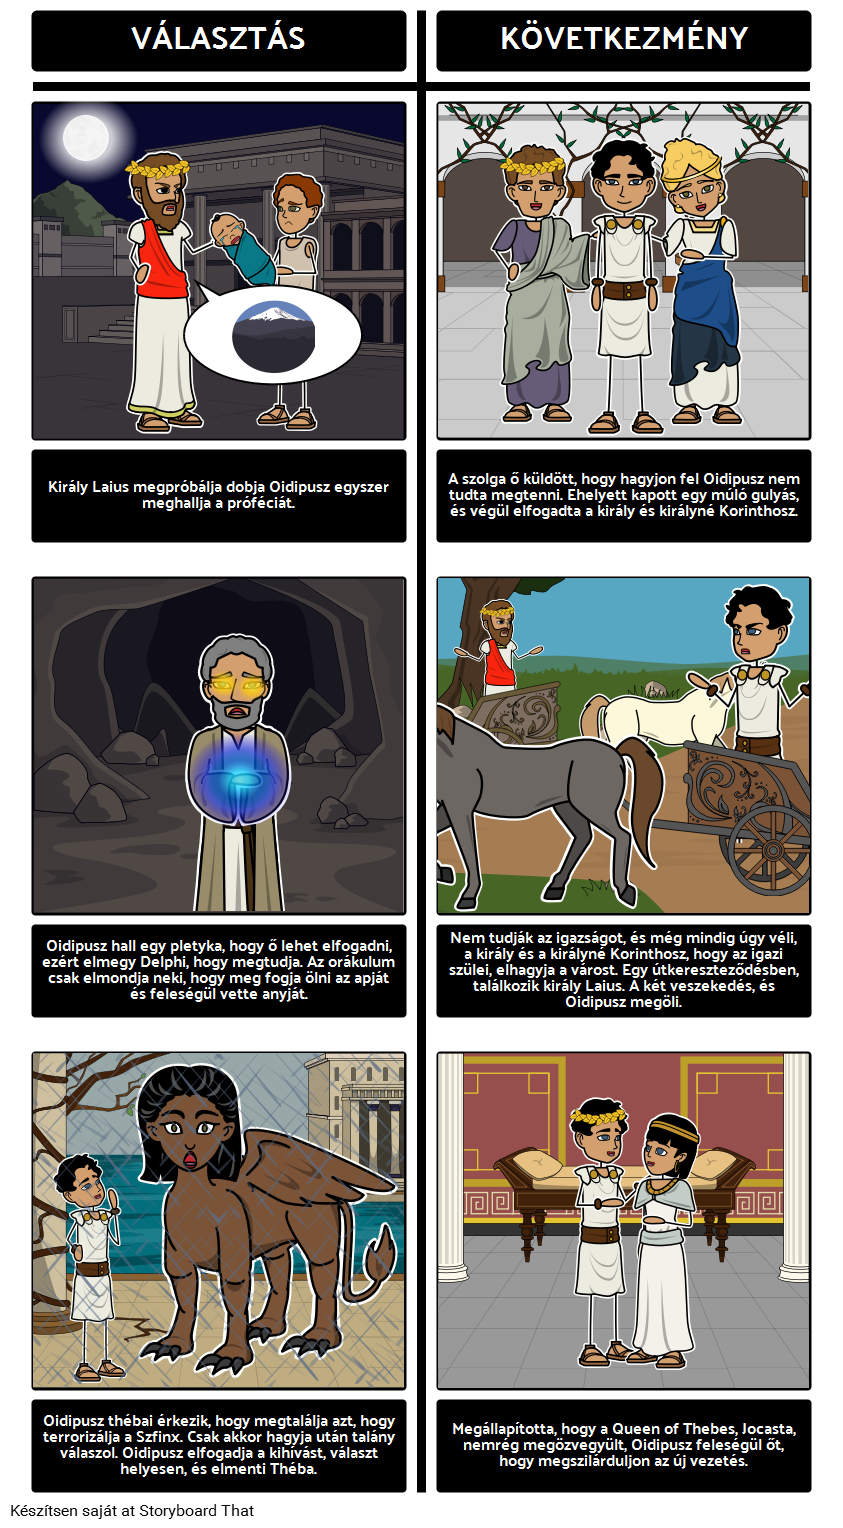 Sorsa Oedipus T-kör - a Kiválasztás és Következményei